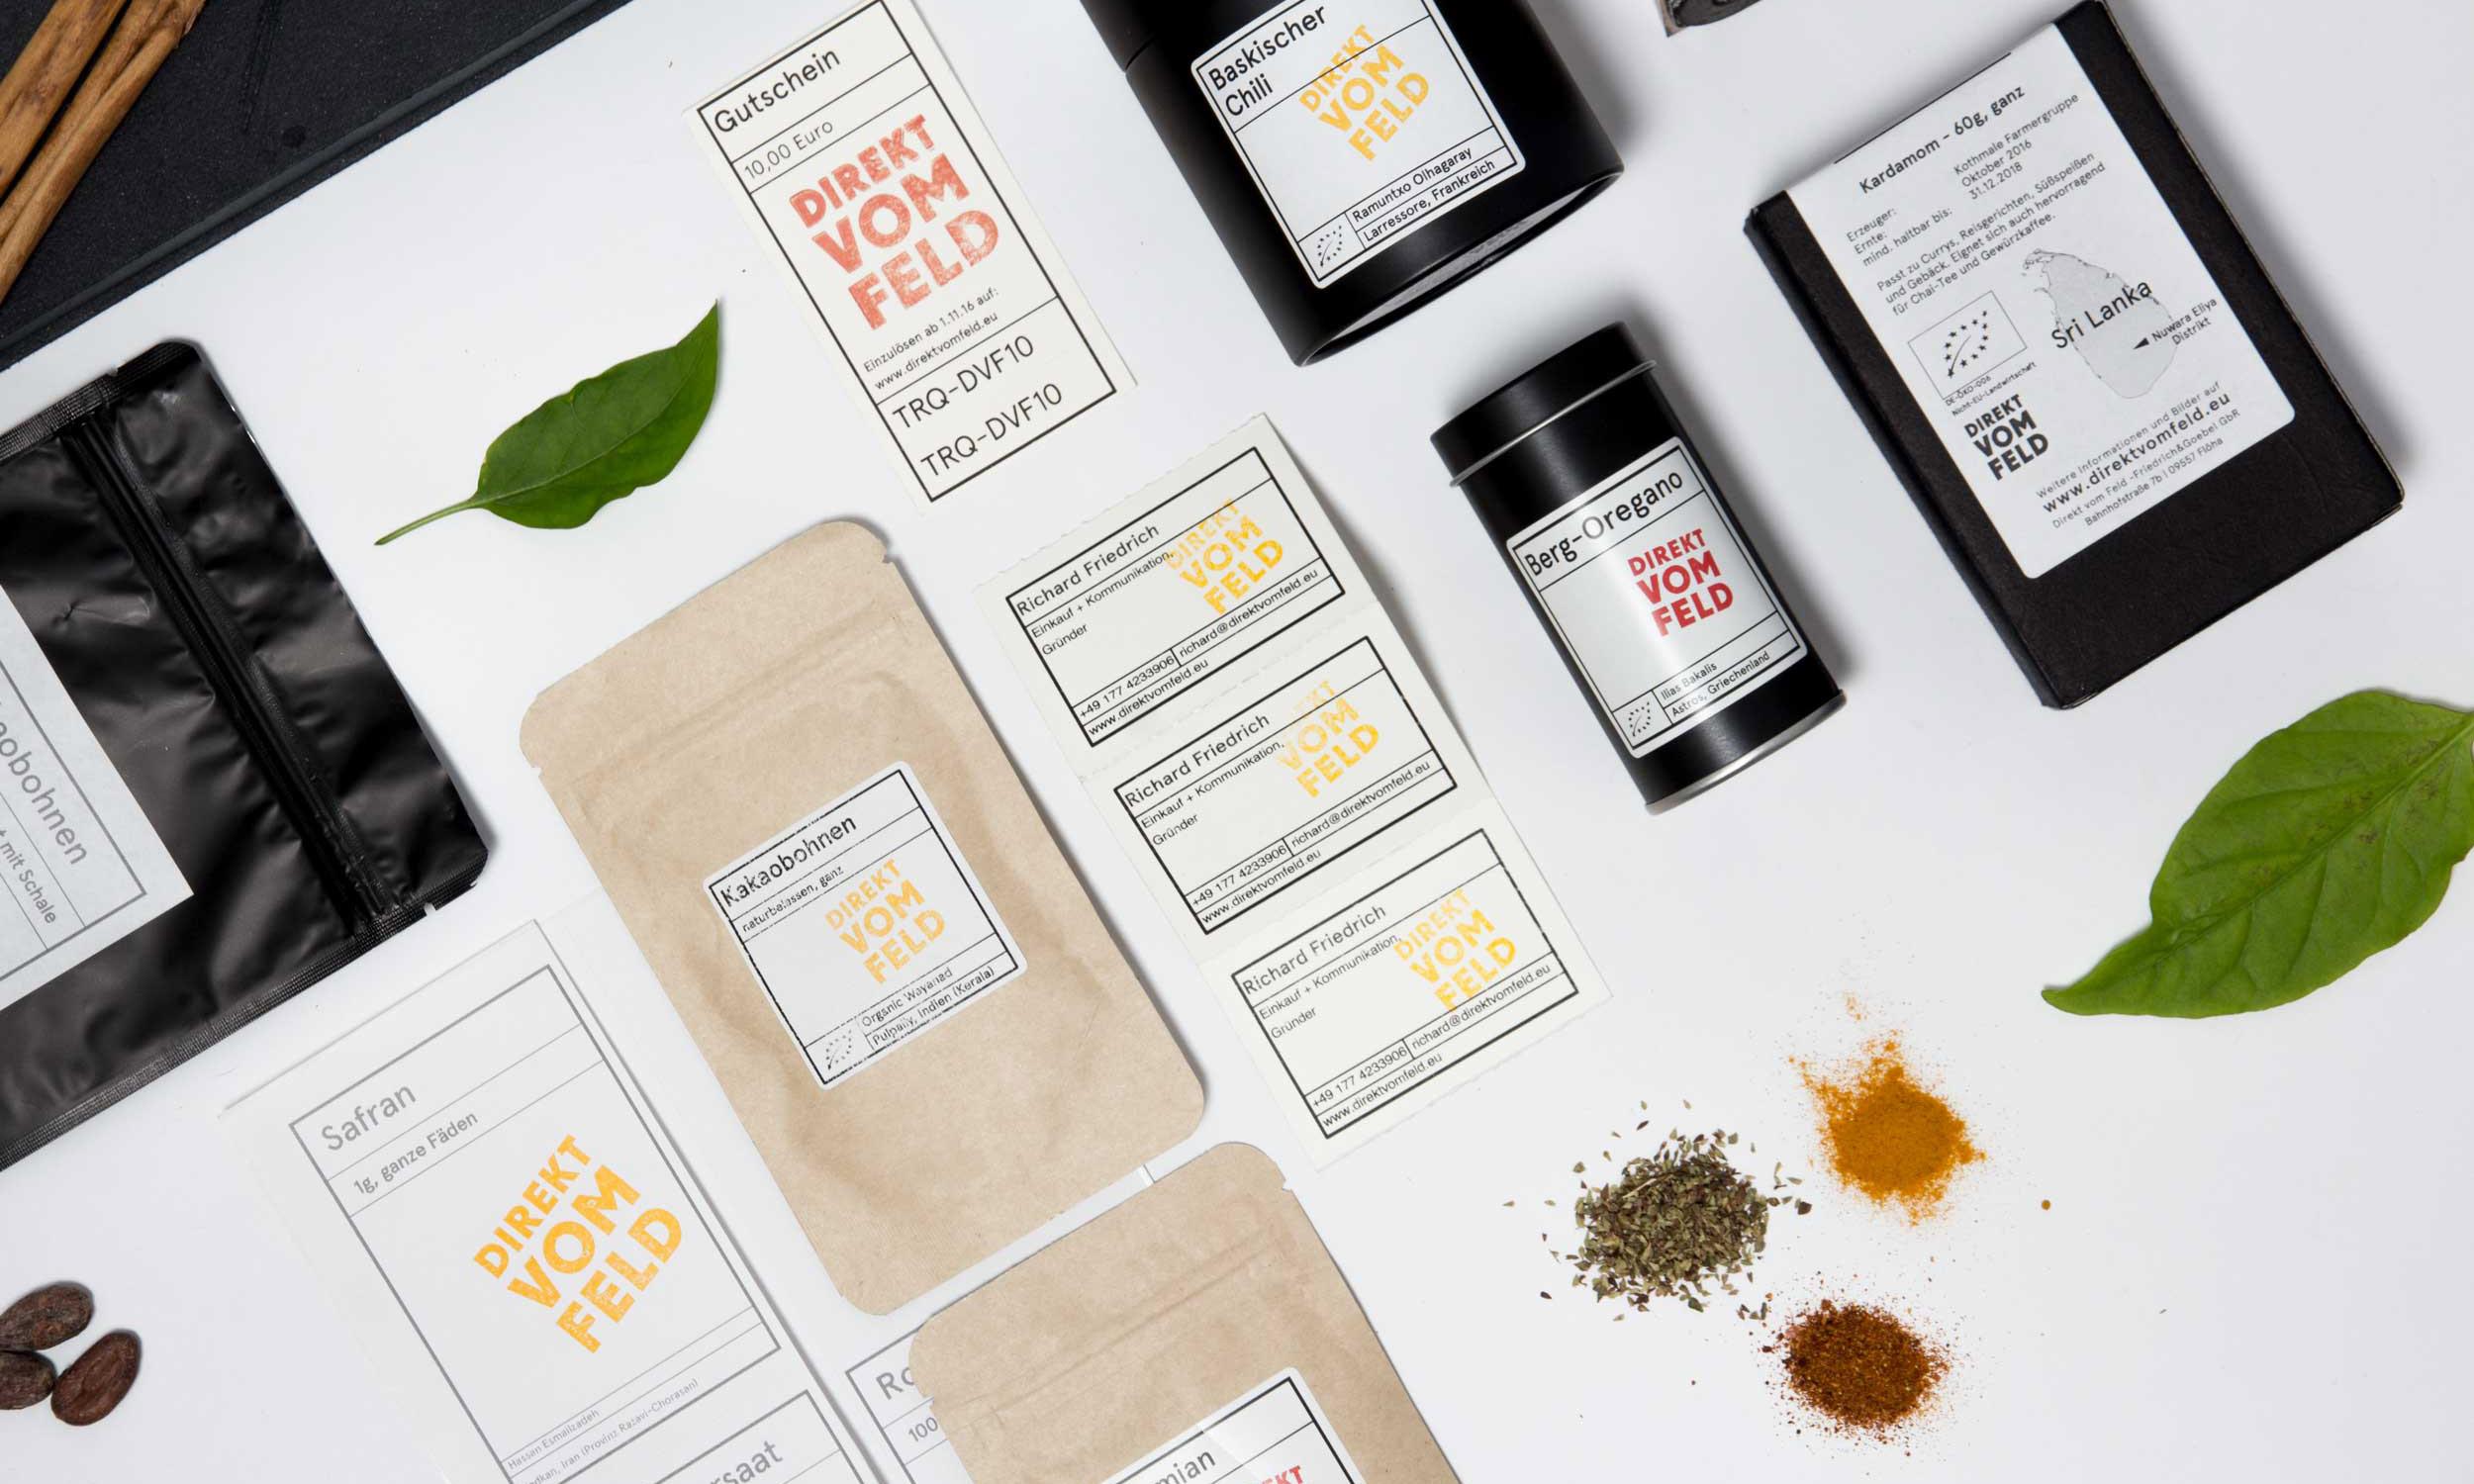 Gewürzverpackungen und Etiketten mit dem neuen Logo auf weißem Hintergrund mit Blättern von Kräutern und ausgestreuten Gewürzen